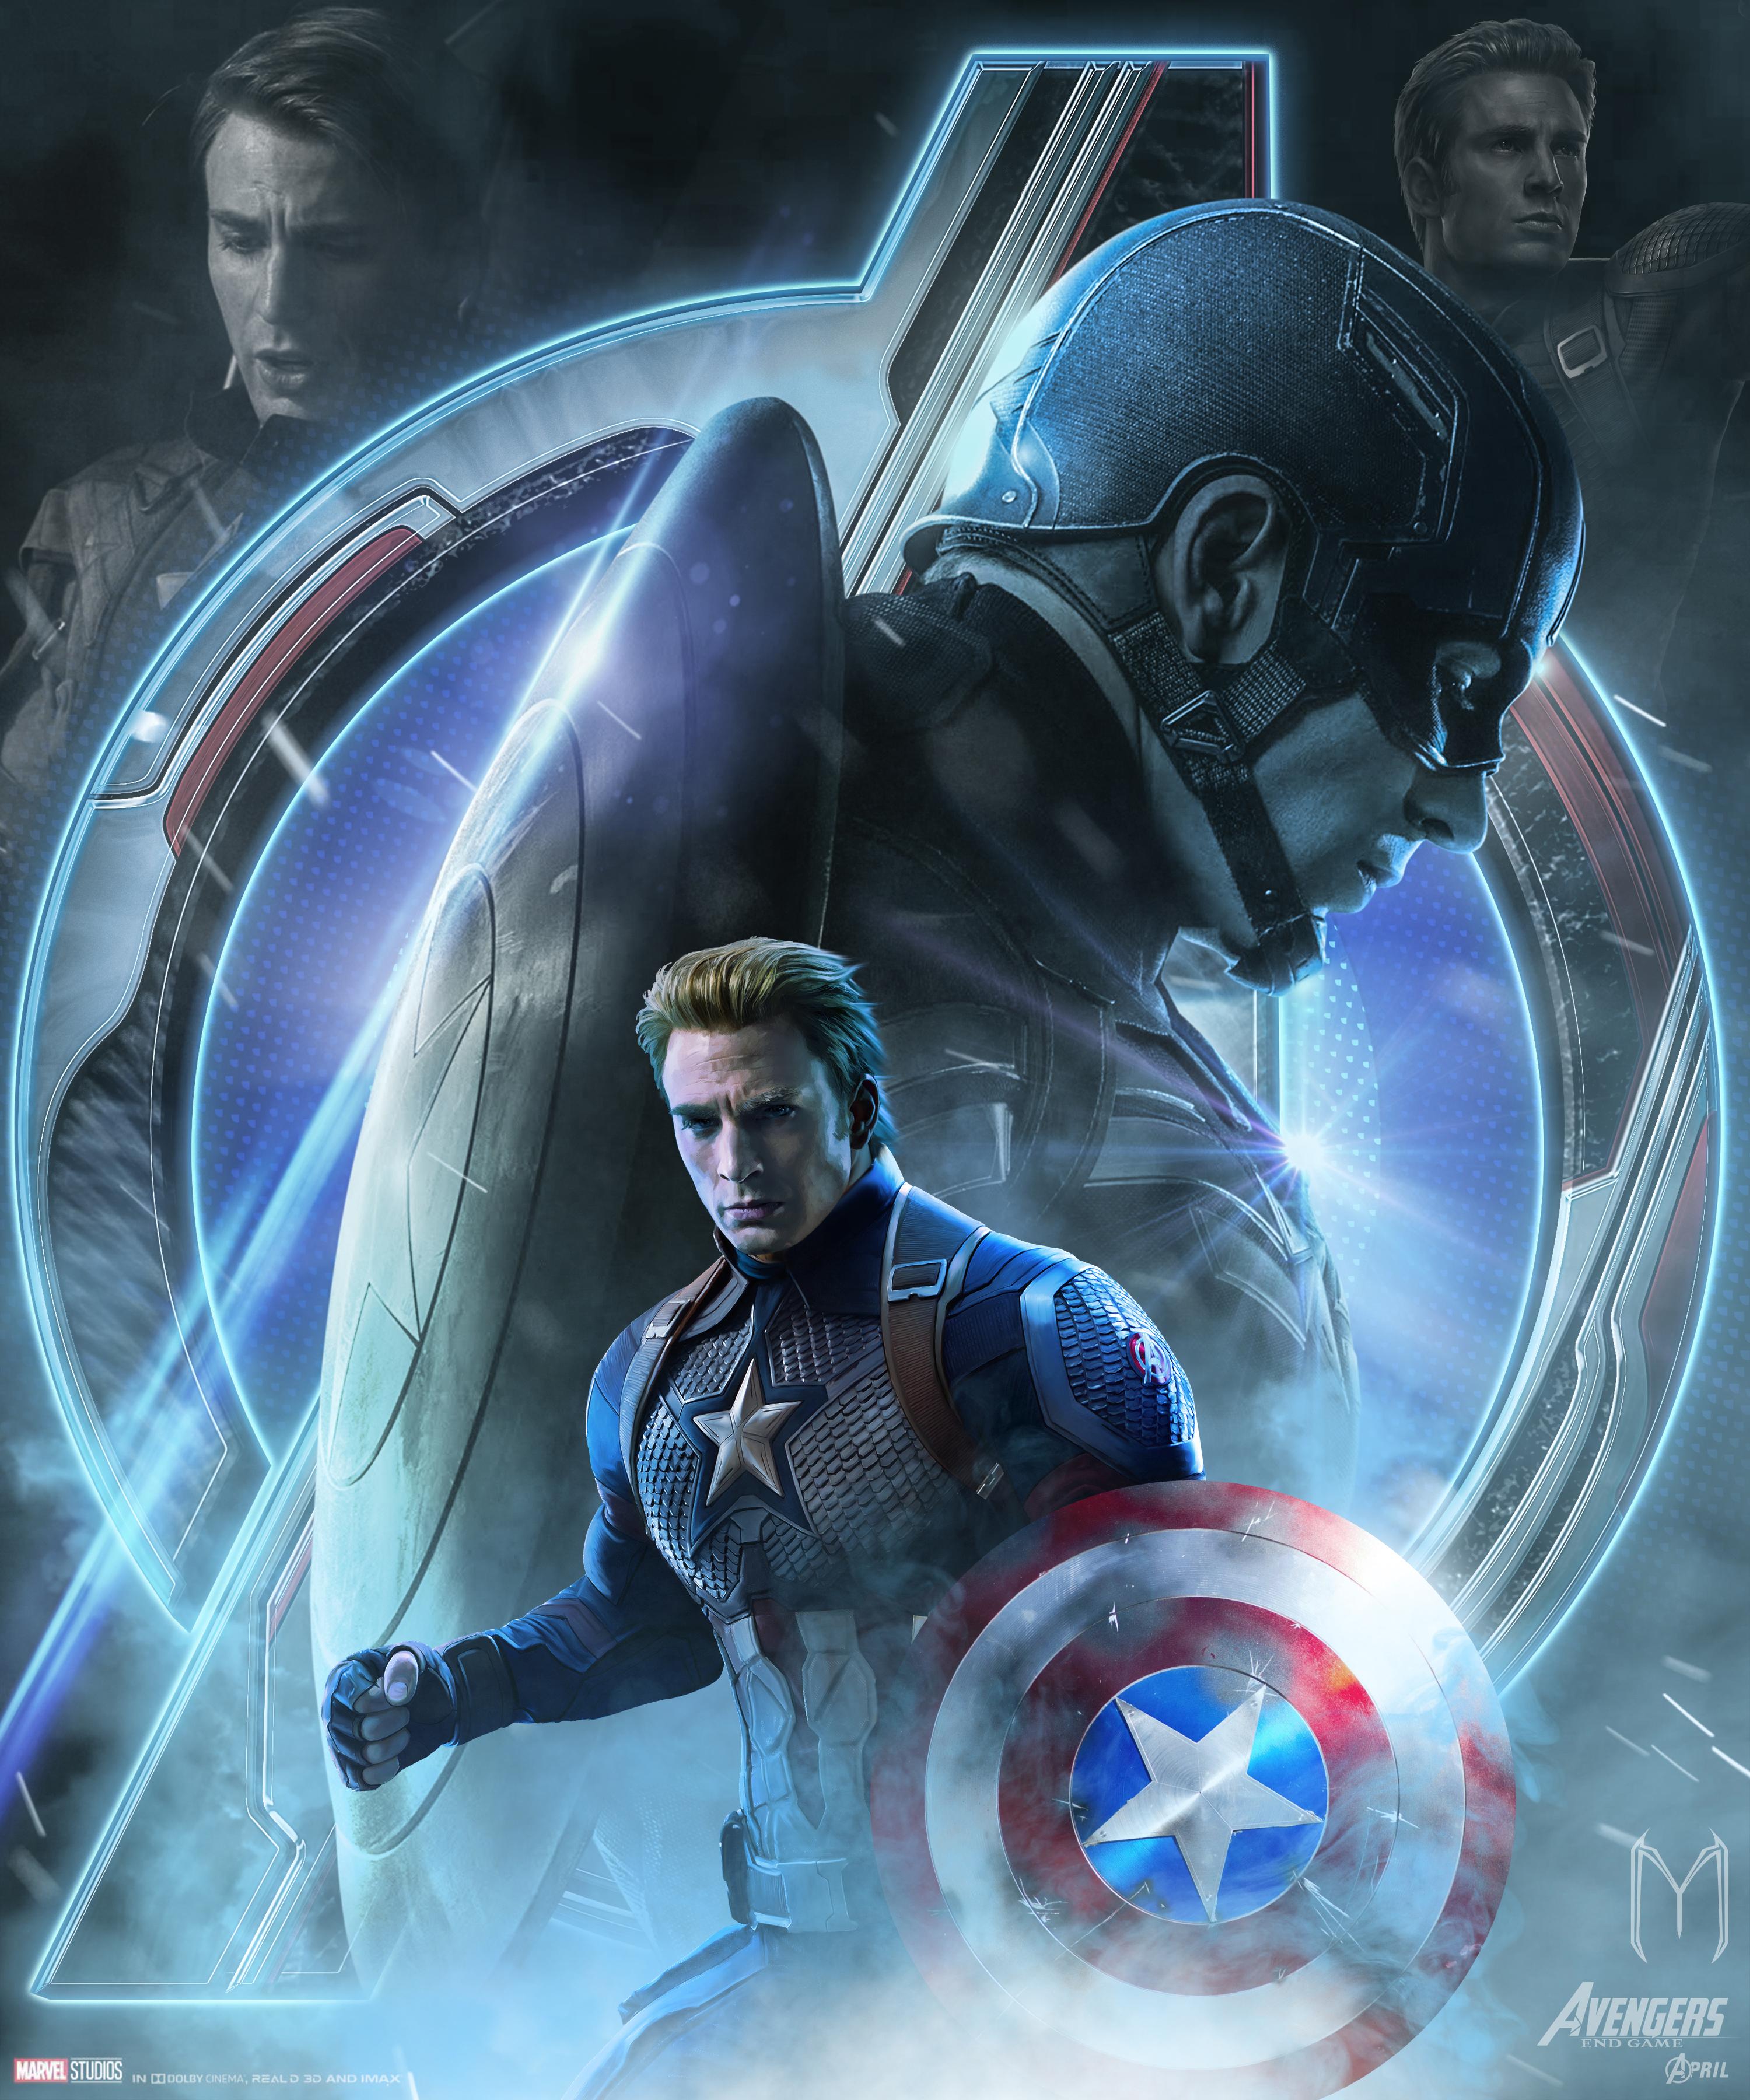 1920x1080 Avengers Endgame Captain America Poster Art